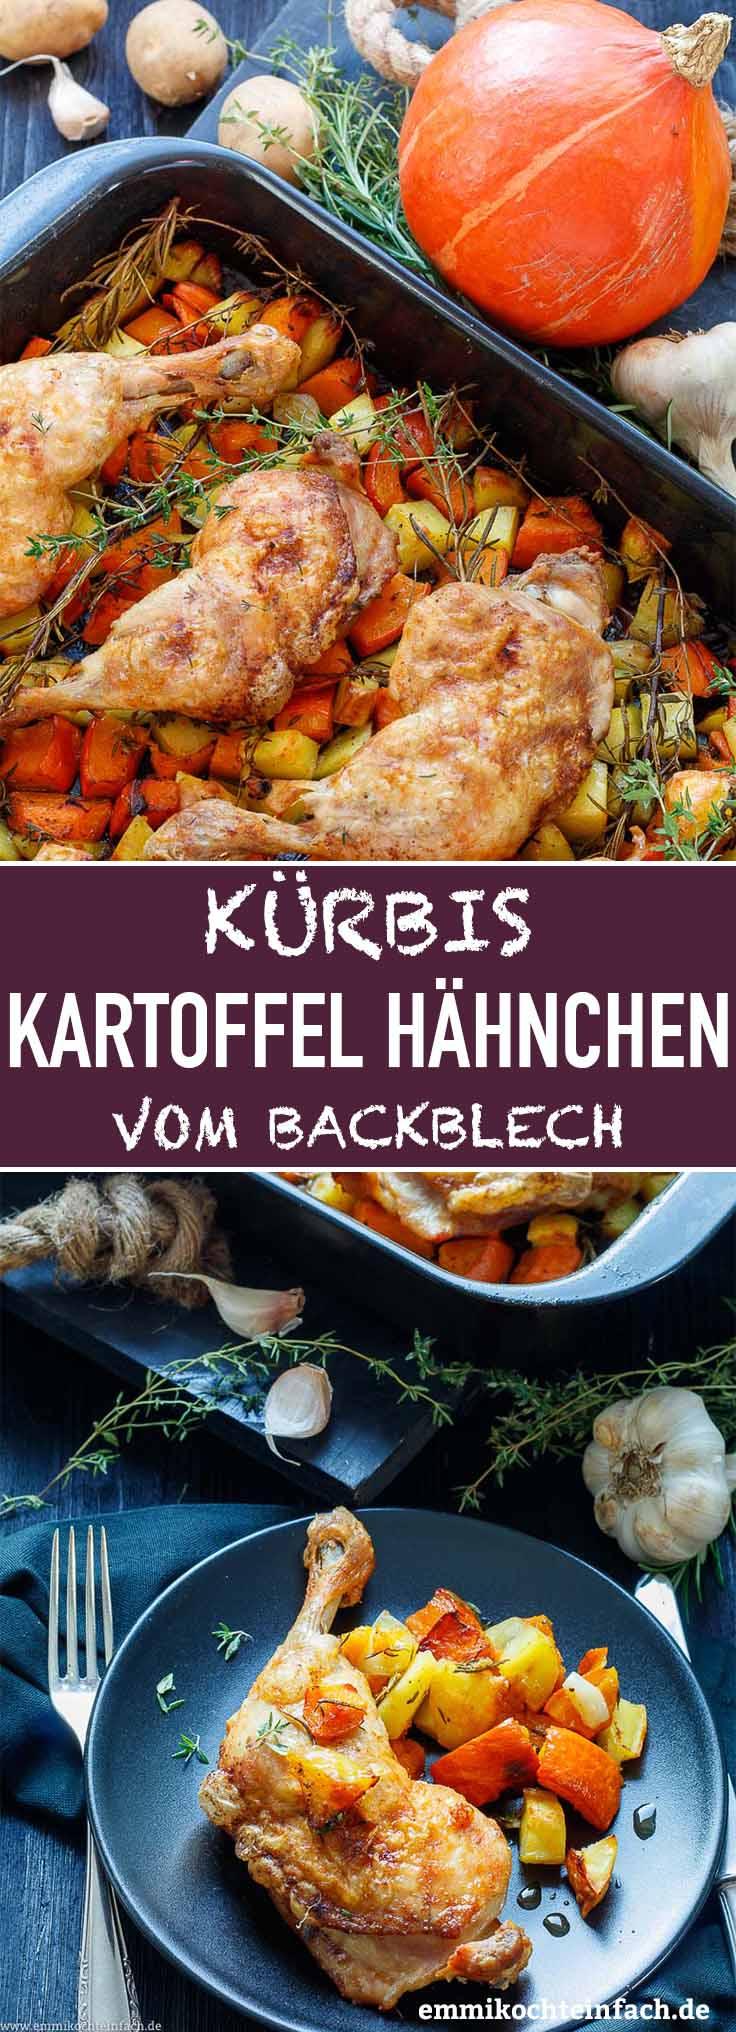 Kürbis Kartoffel Hähnchen aus dem Ofen - www.emmikochteinfach.de